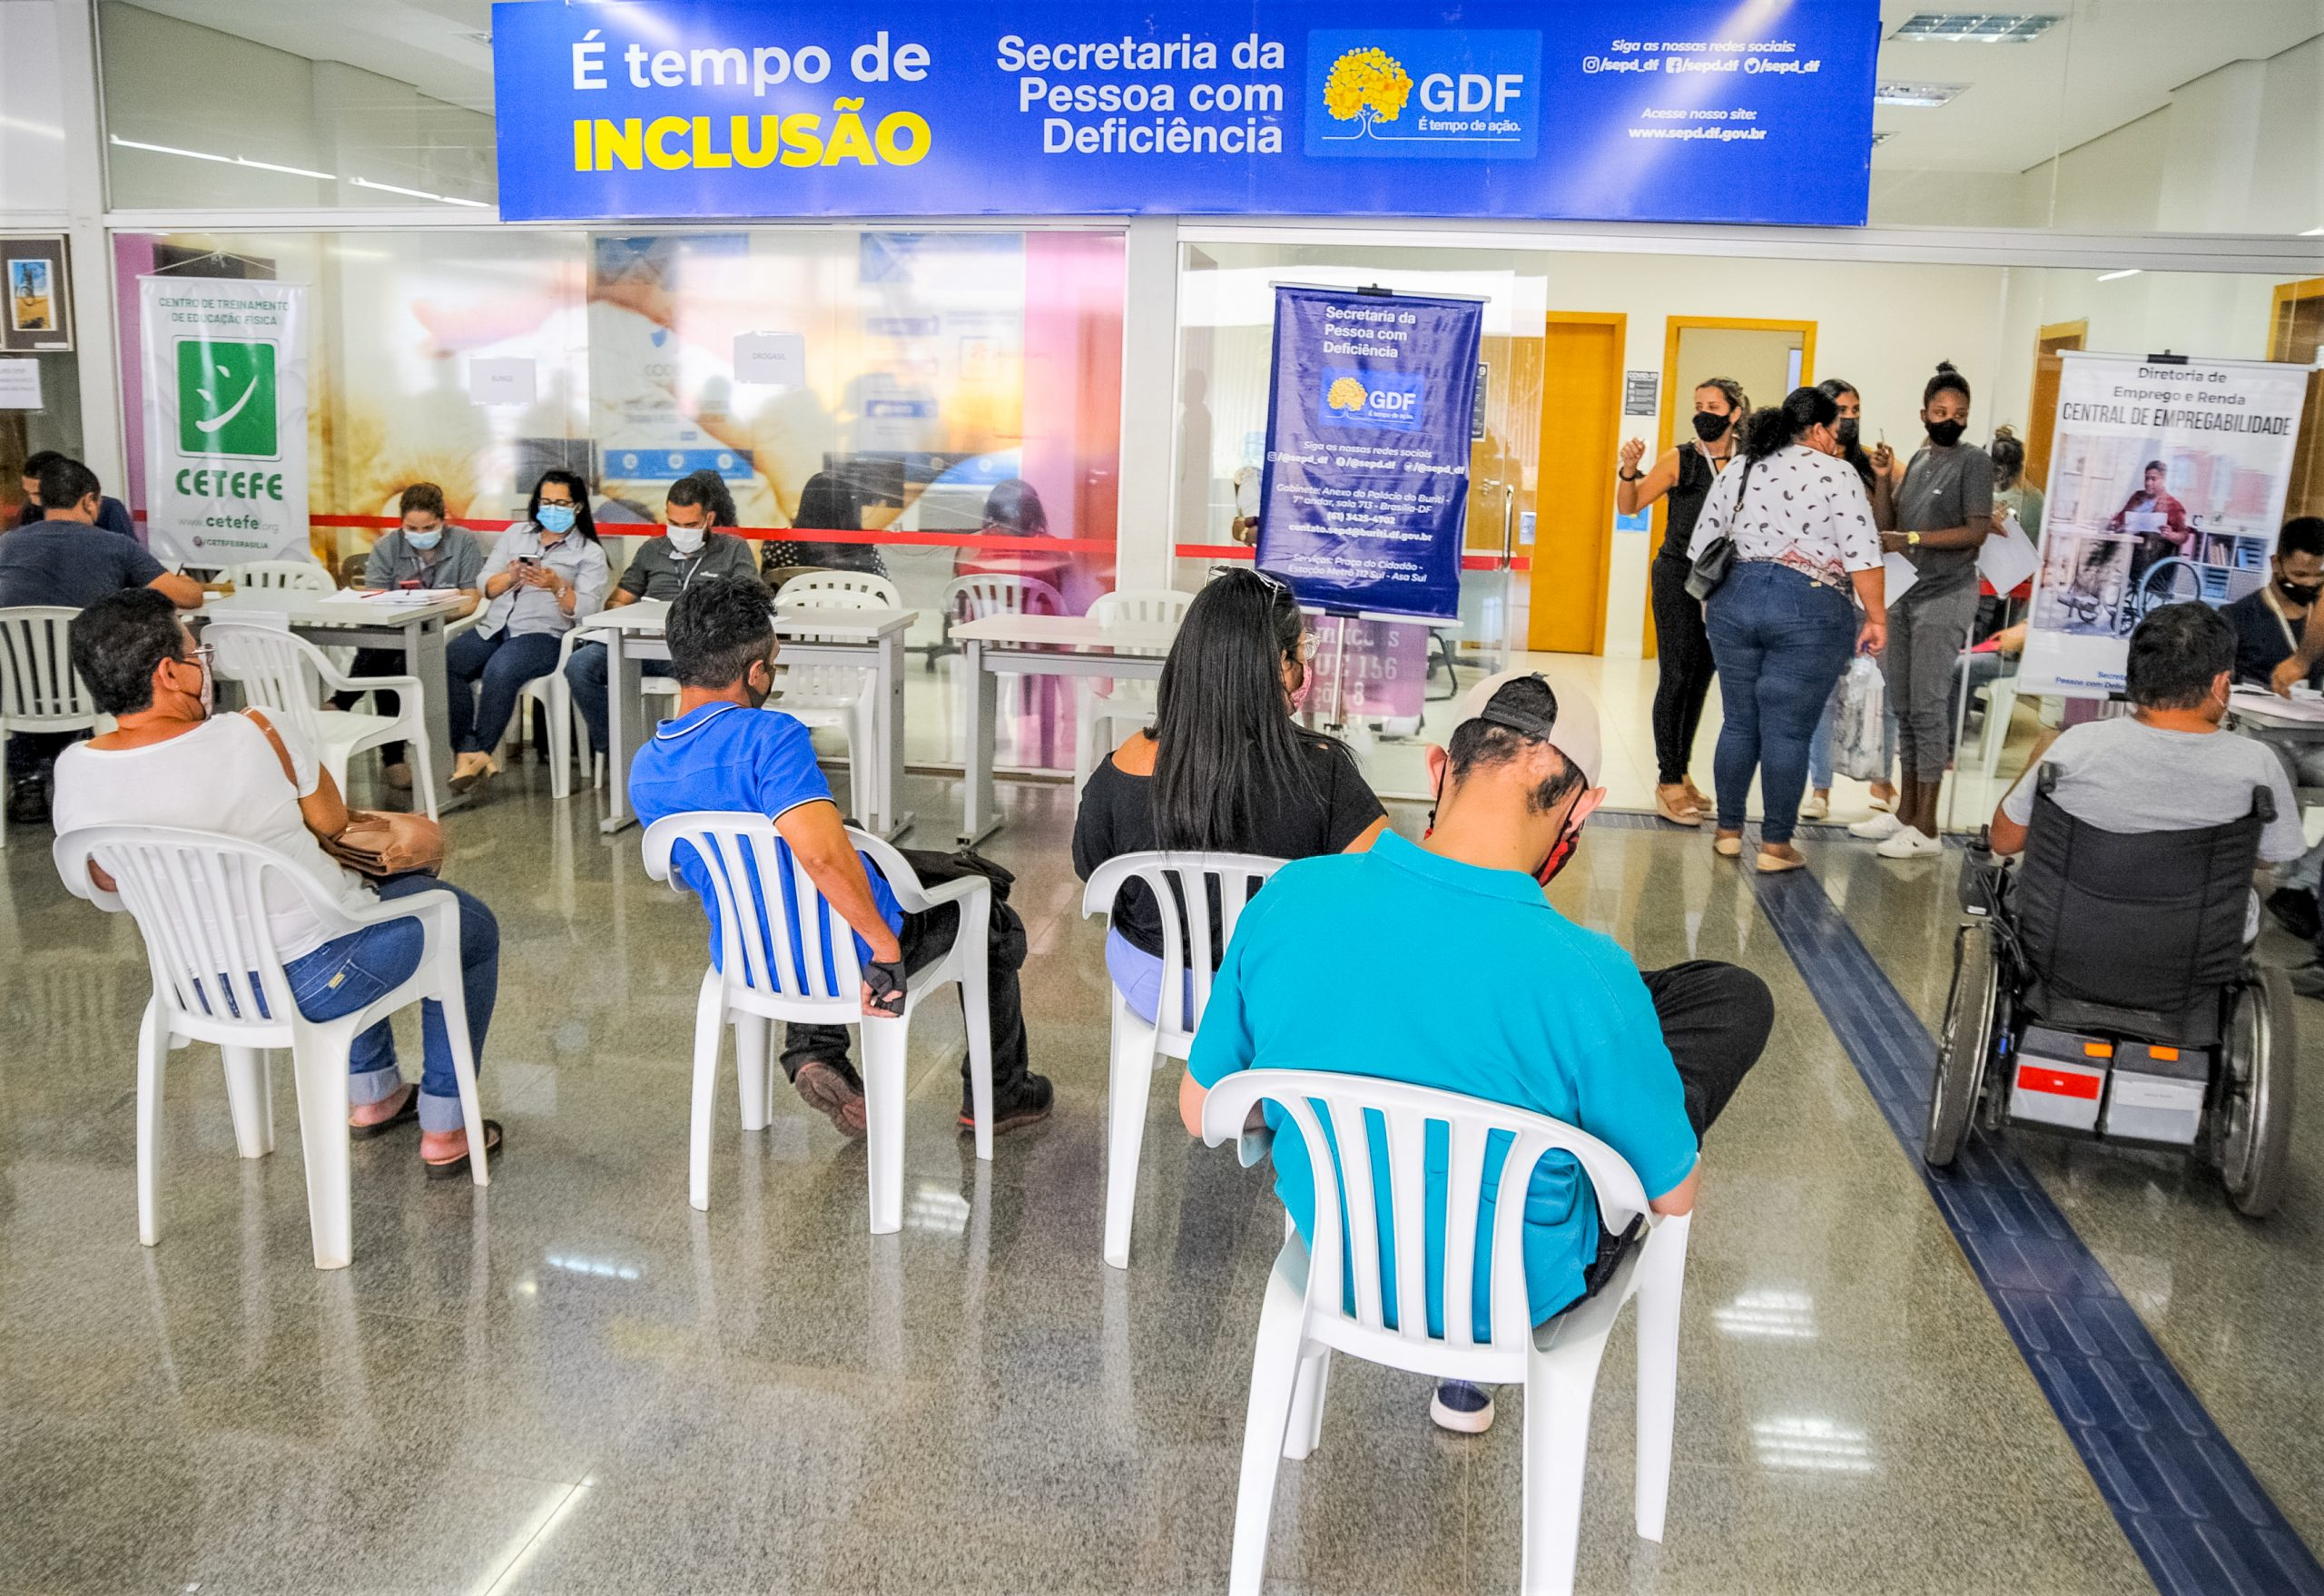 MERCADO DE TRABALHO | GDF quer fortalecer parceria com empresas para ampliar as vagas de emprego para pessoas com deficiência